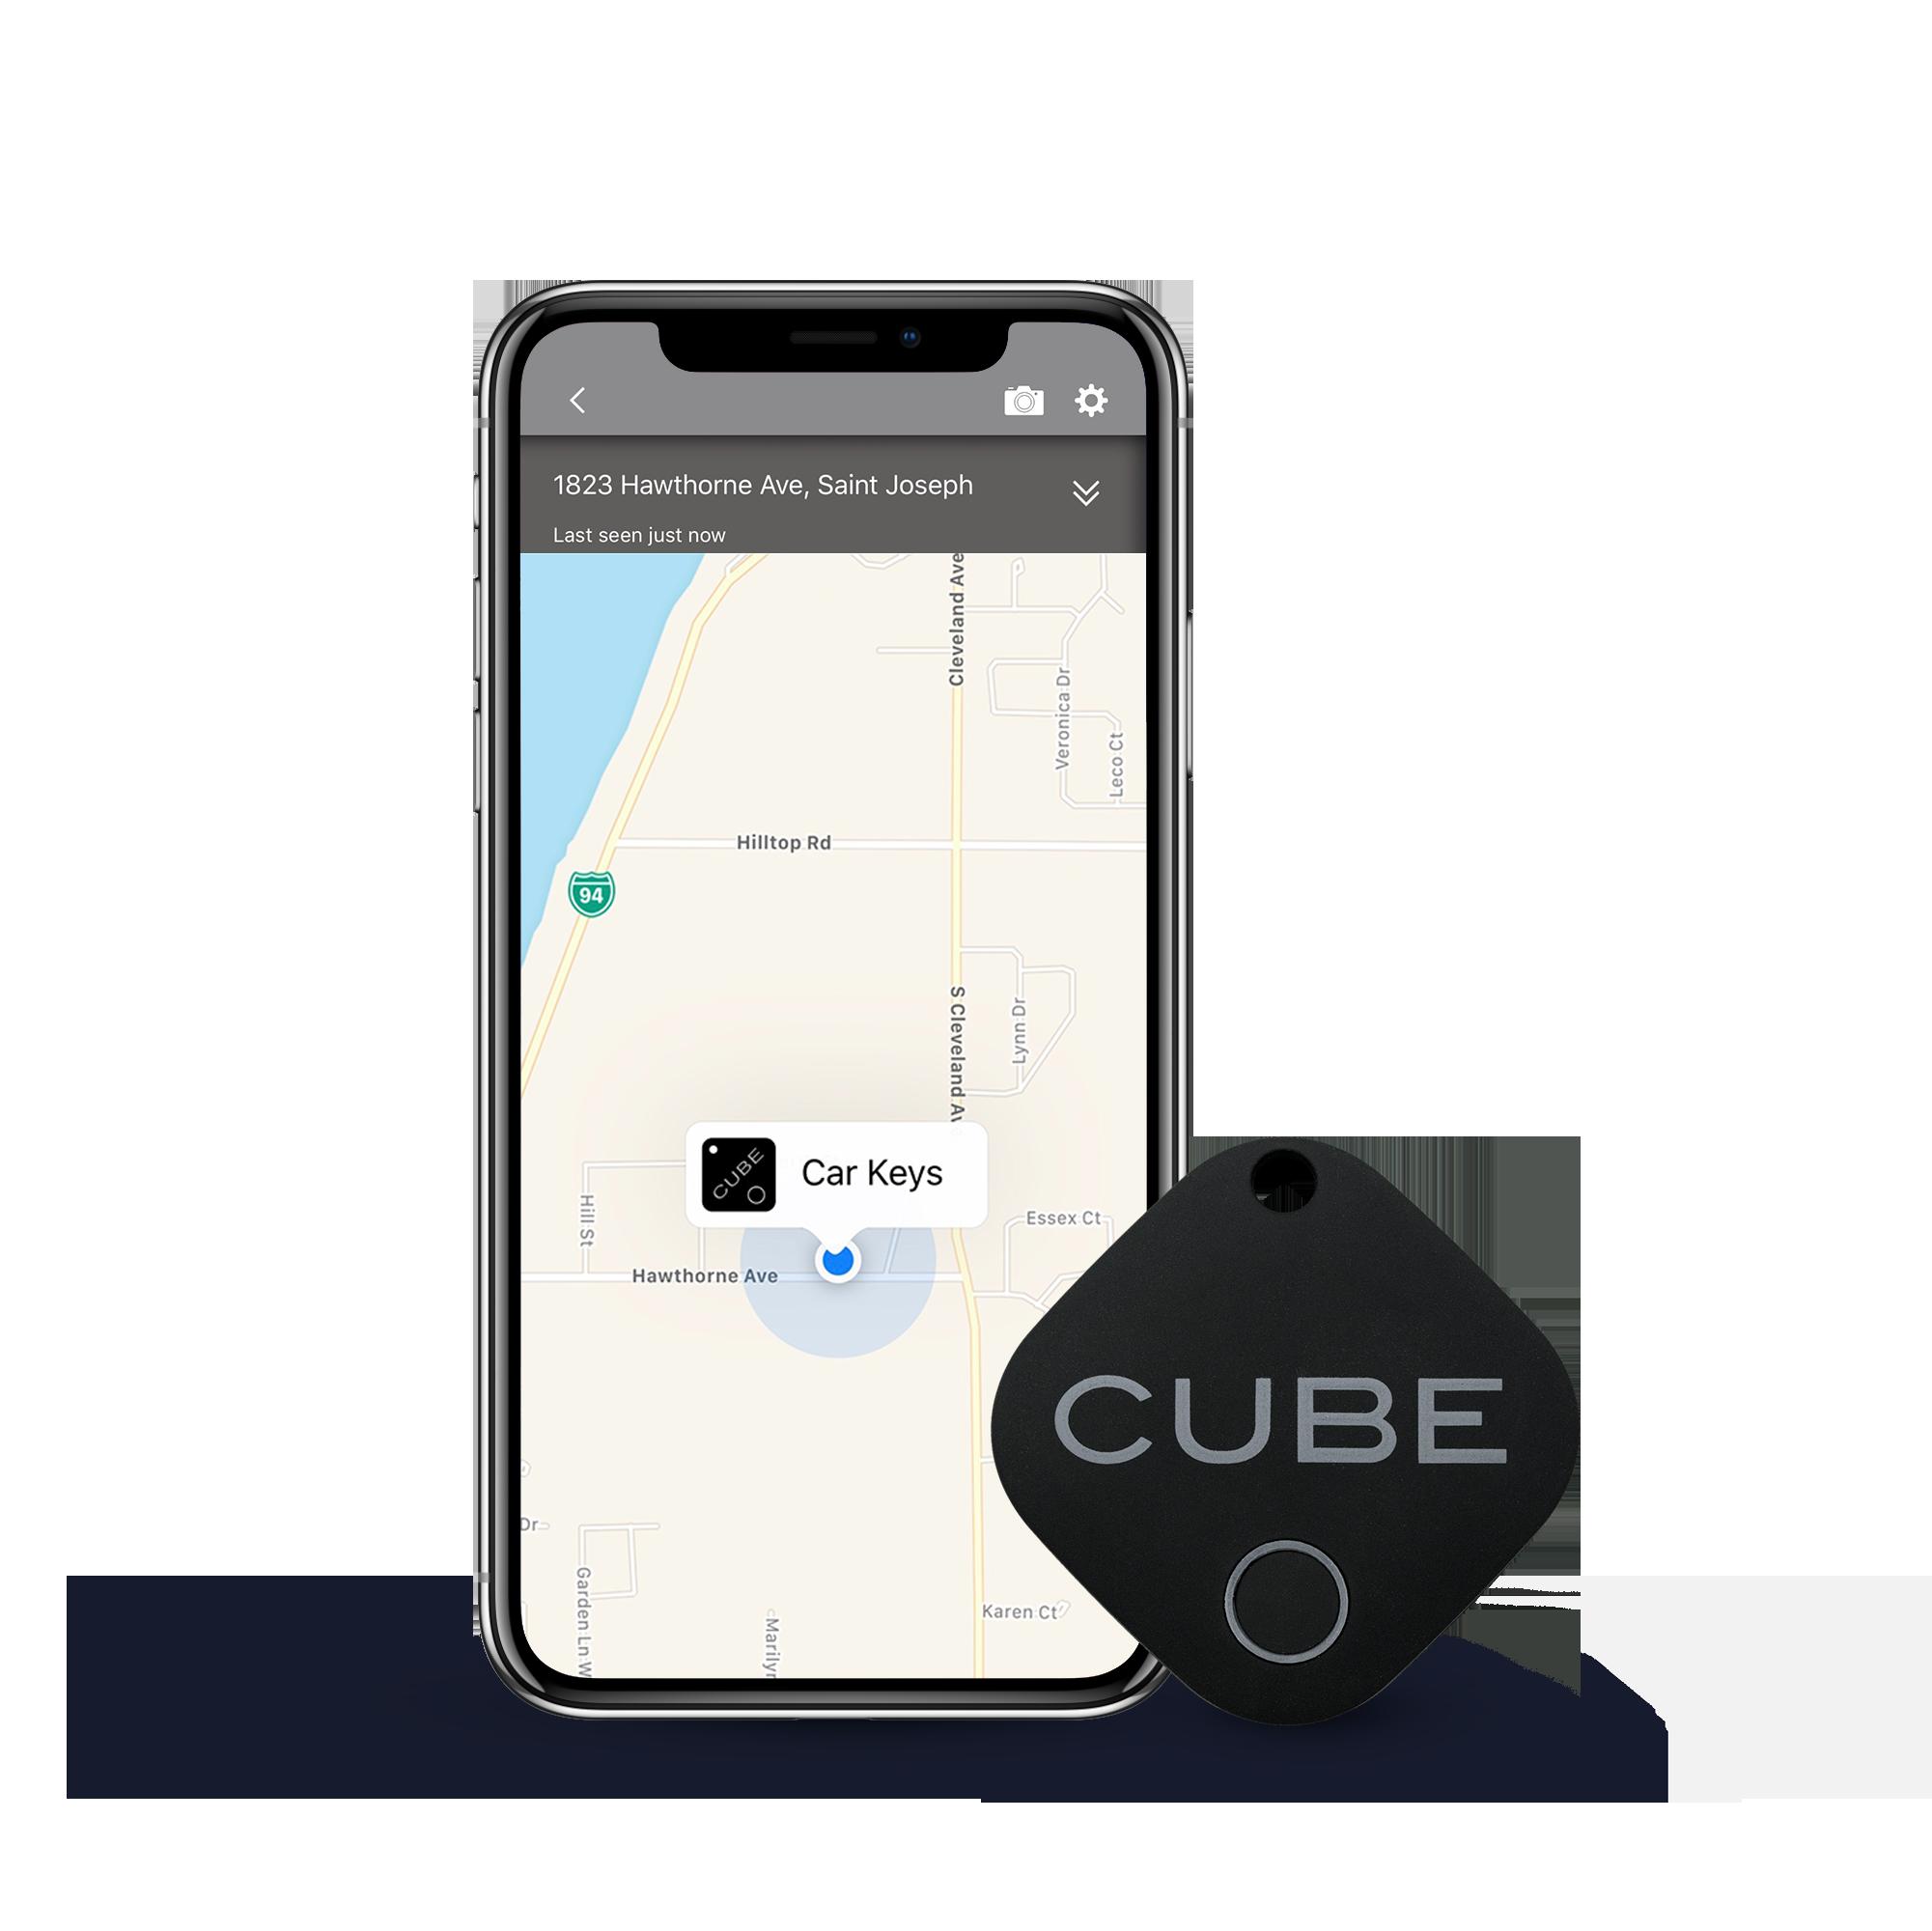 Cube - Unsere erste Generation Cube mit einer dauerhaften Gummierung.